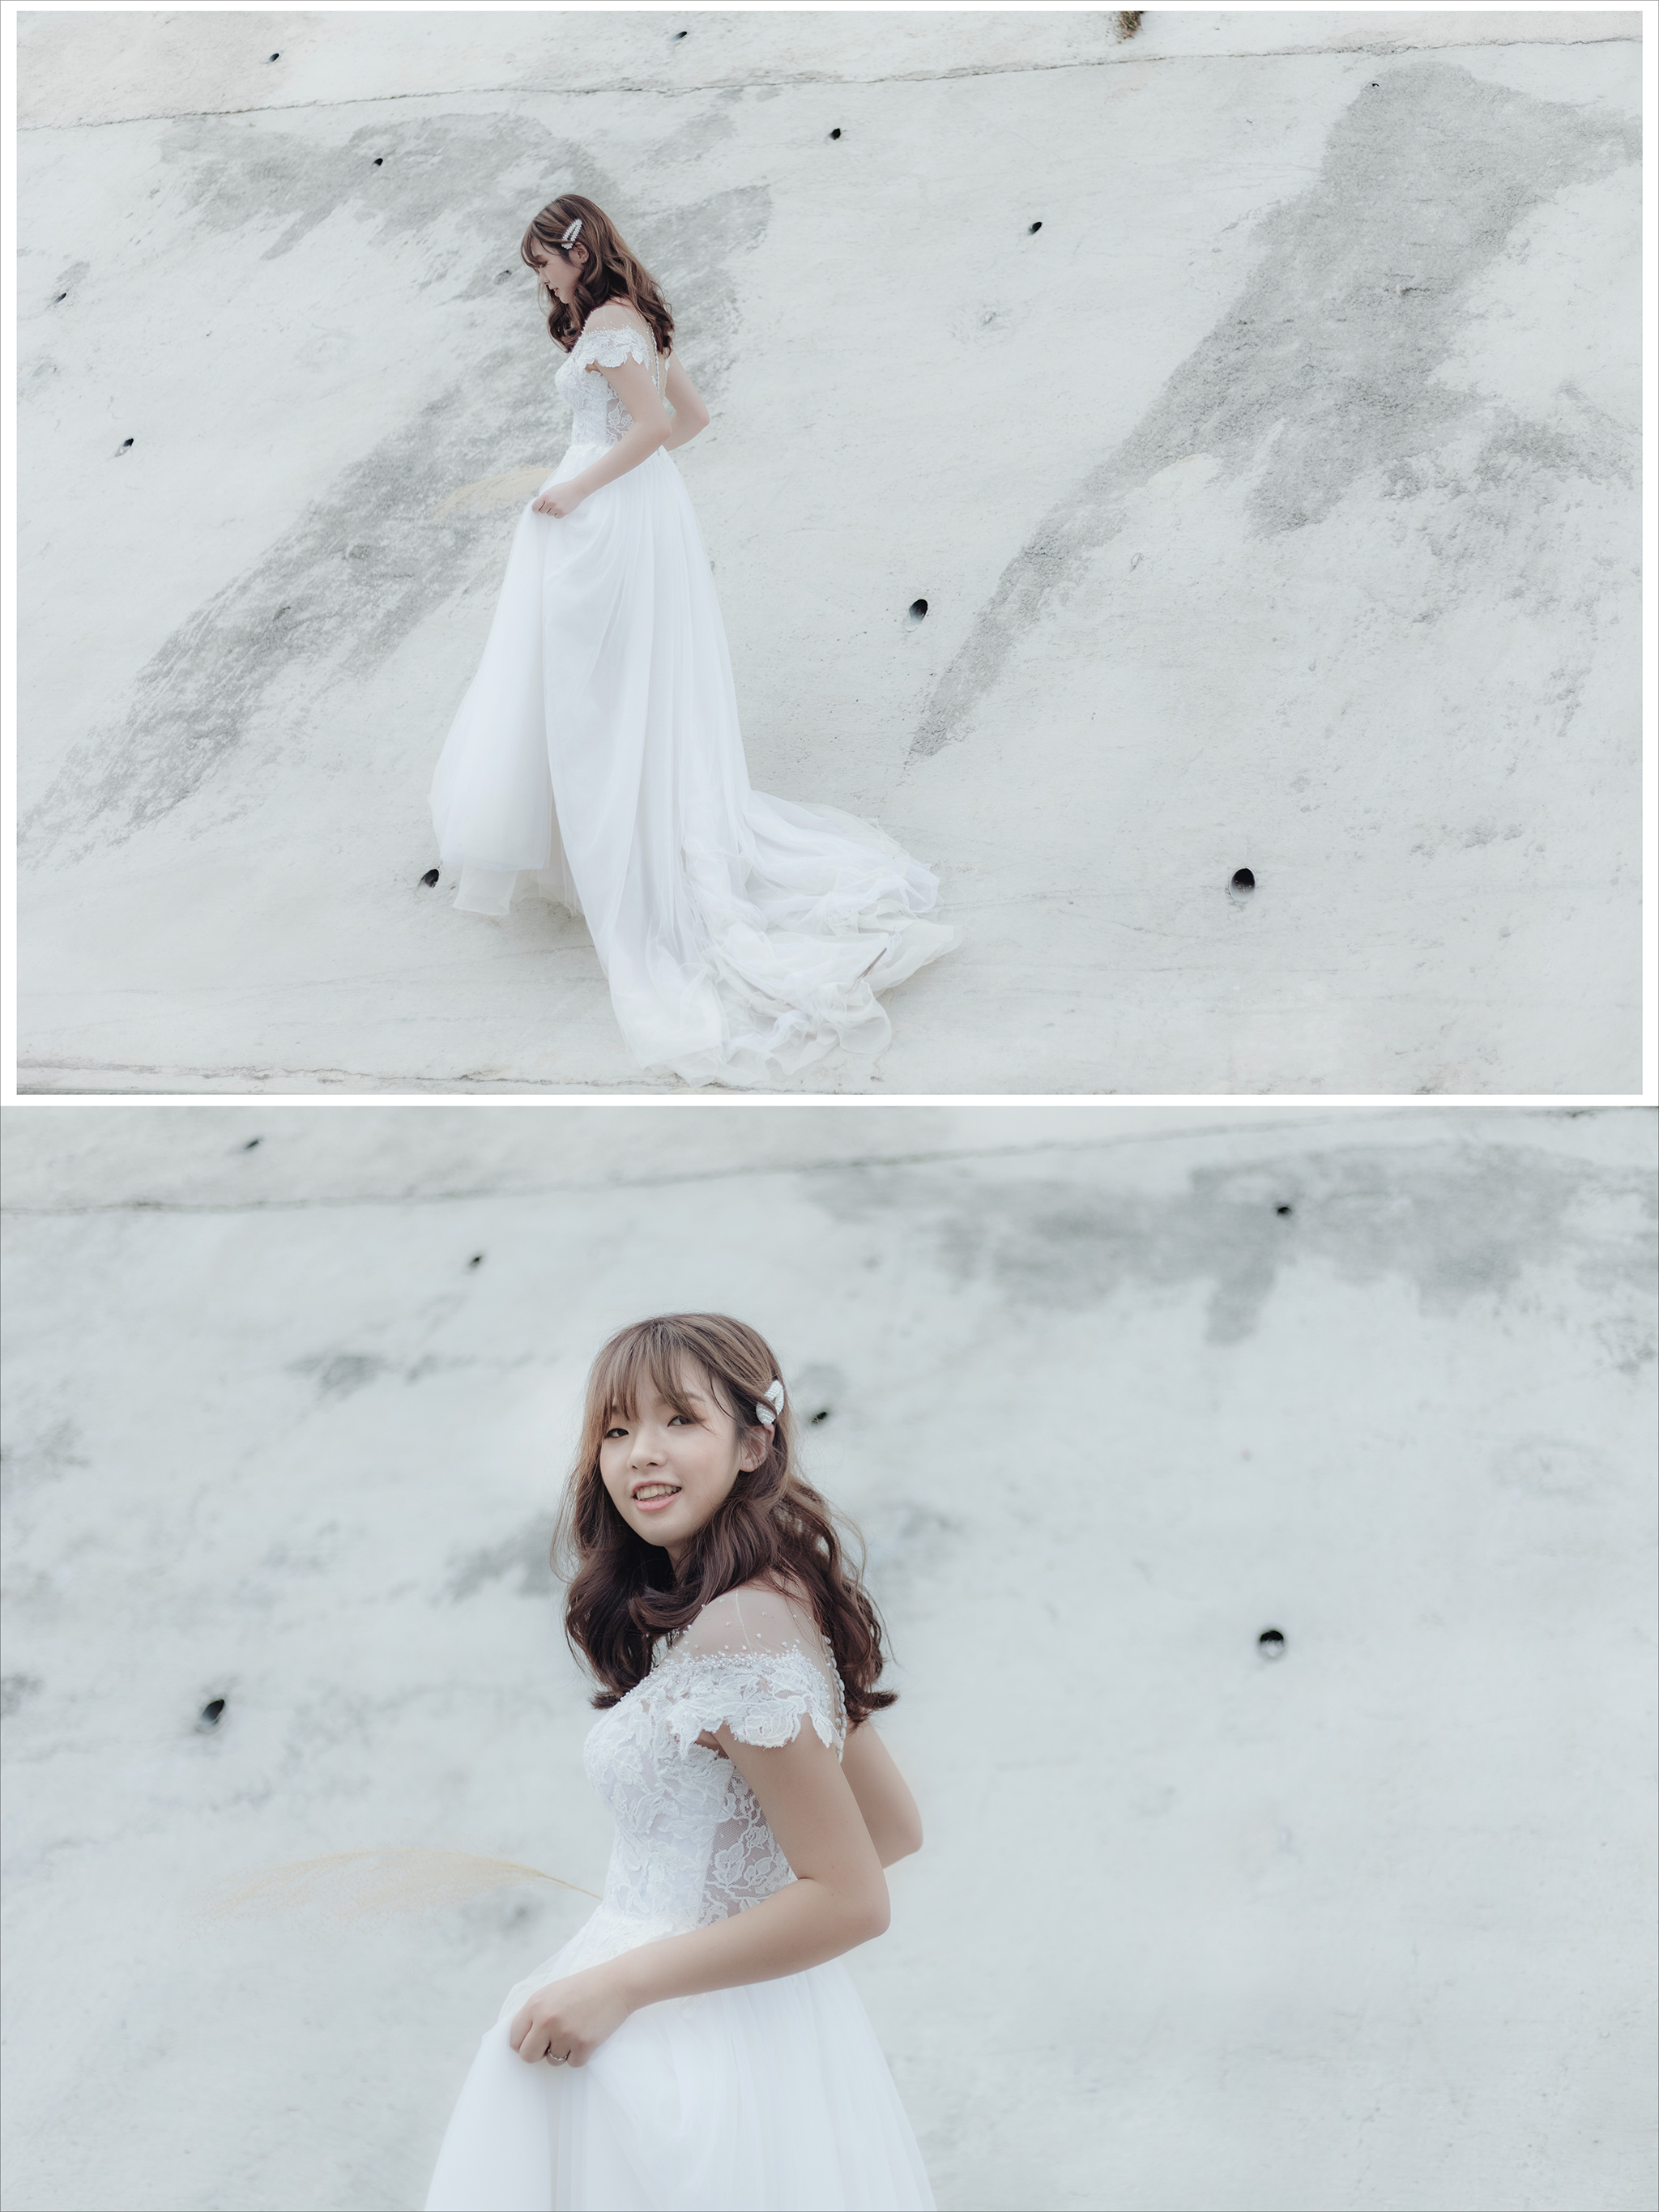 50697324997 c69b9523be o - 【自主婚紗】+凱婷+